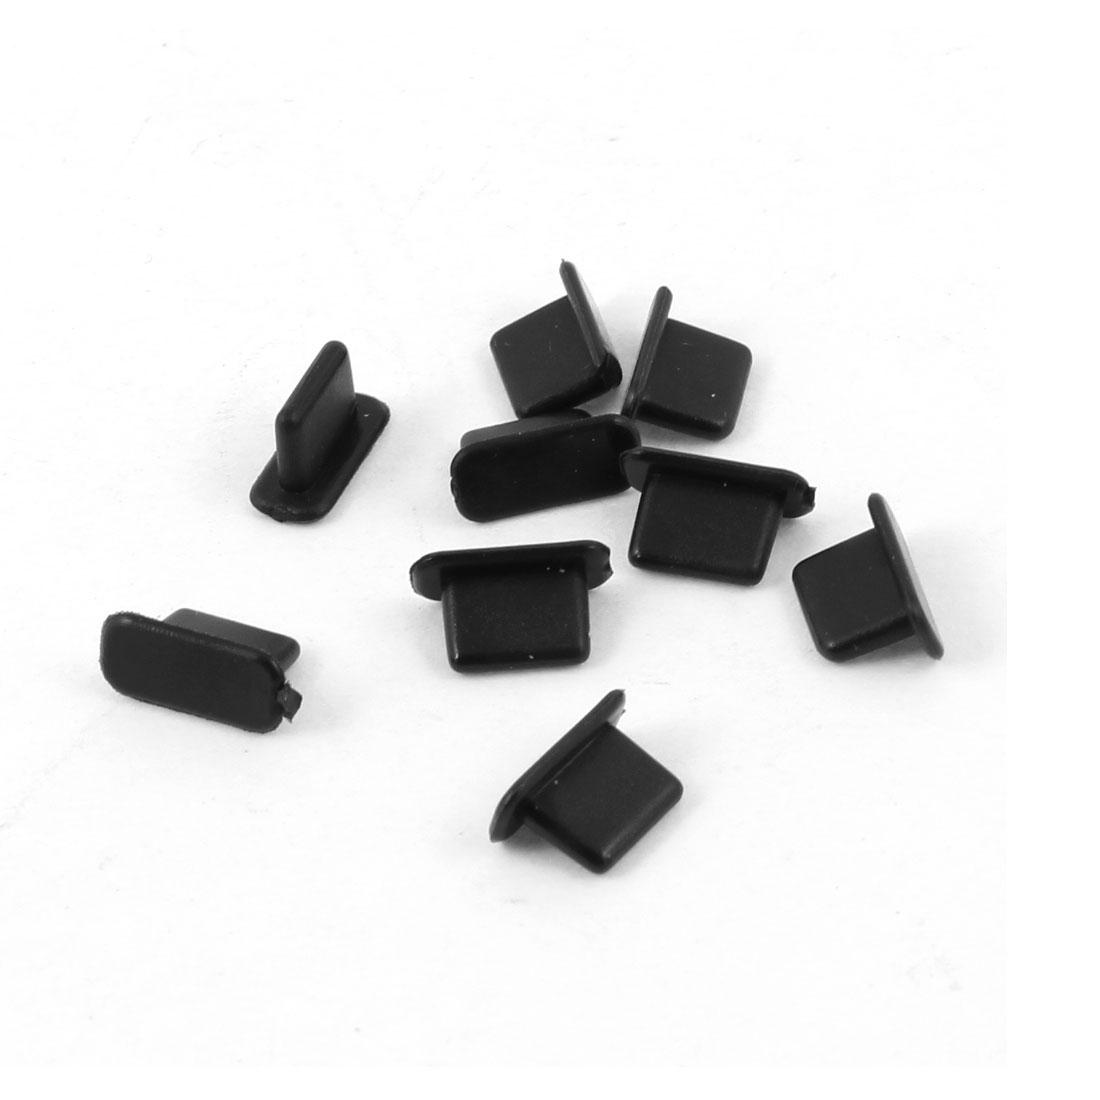 Portable Black Plastic Charge Port Dust Resistant Stopper 9 Pcs